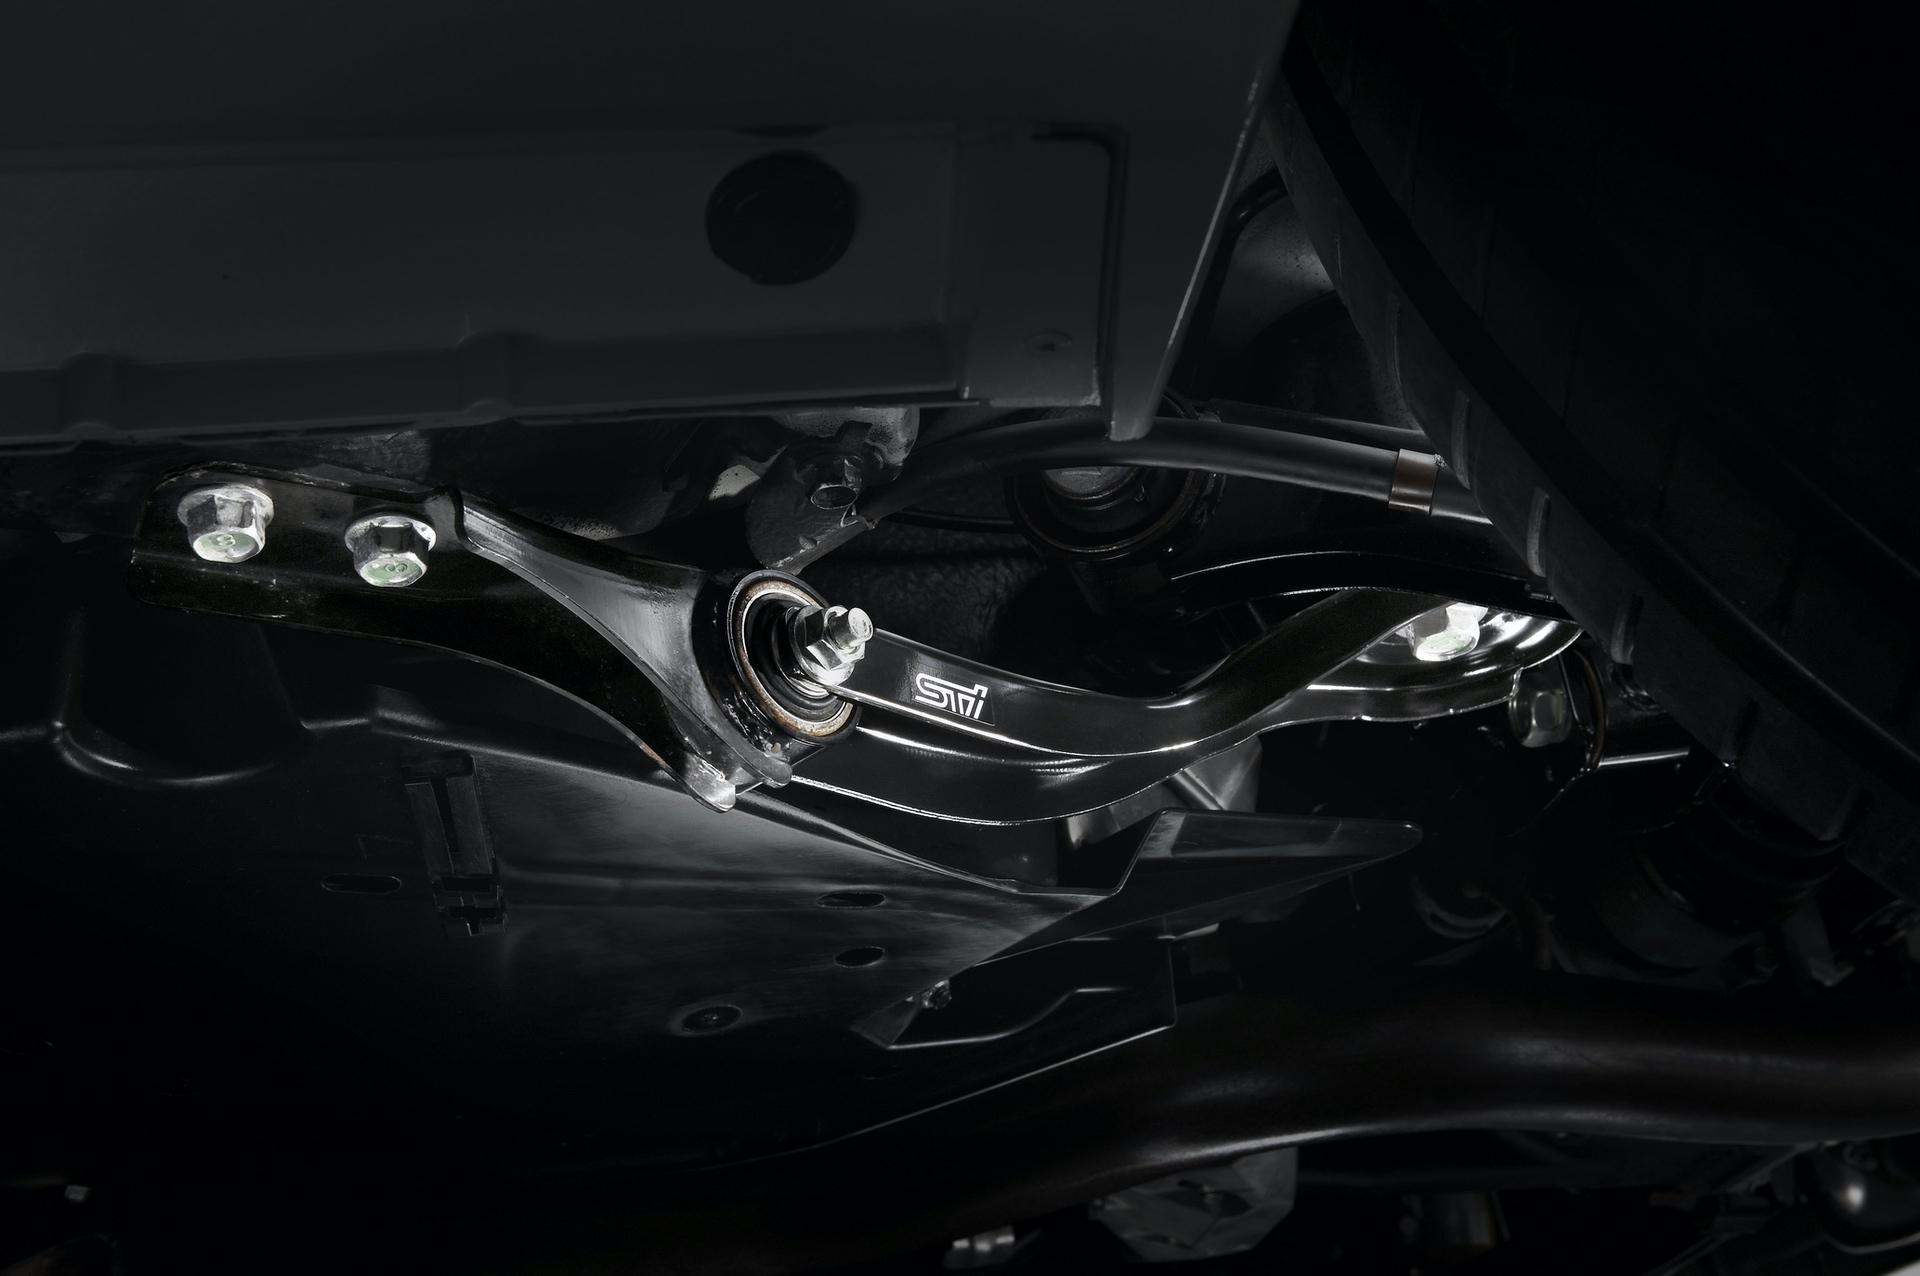 Subaru_Impreza_STI_S206_0027